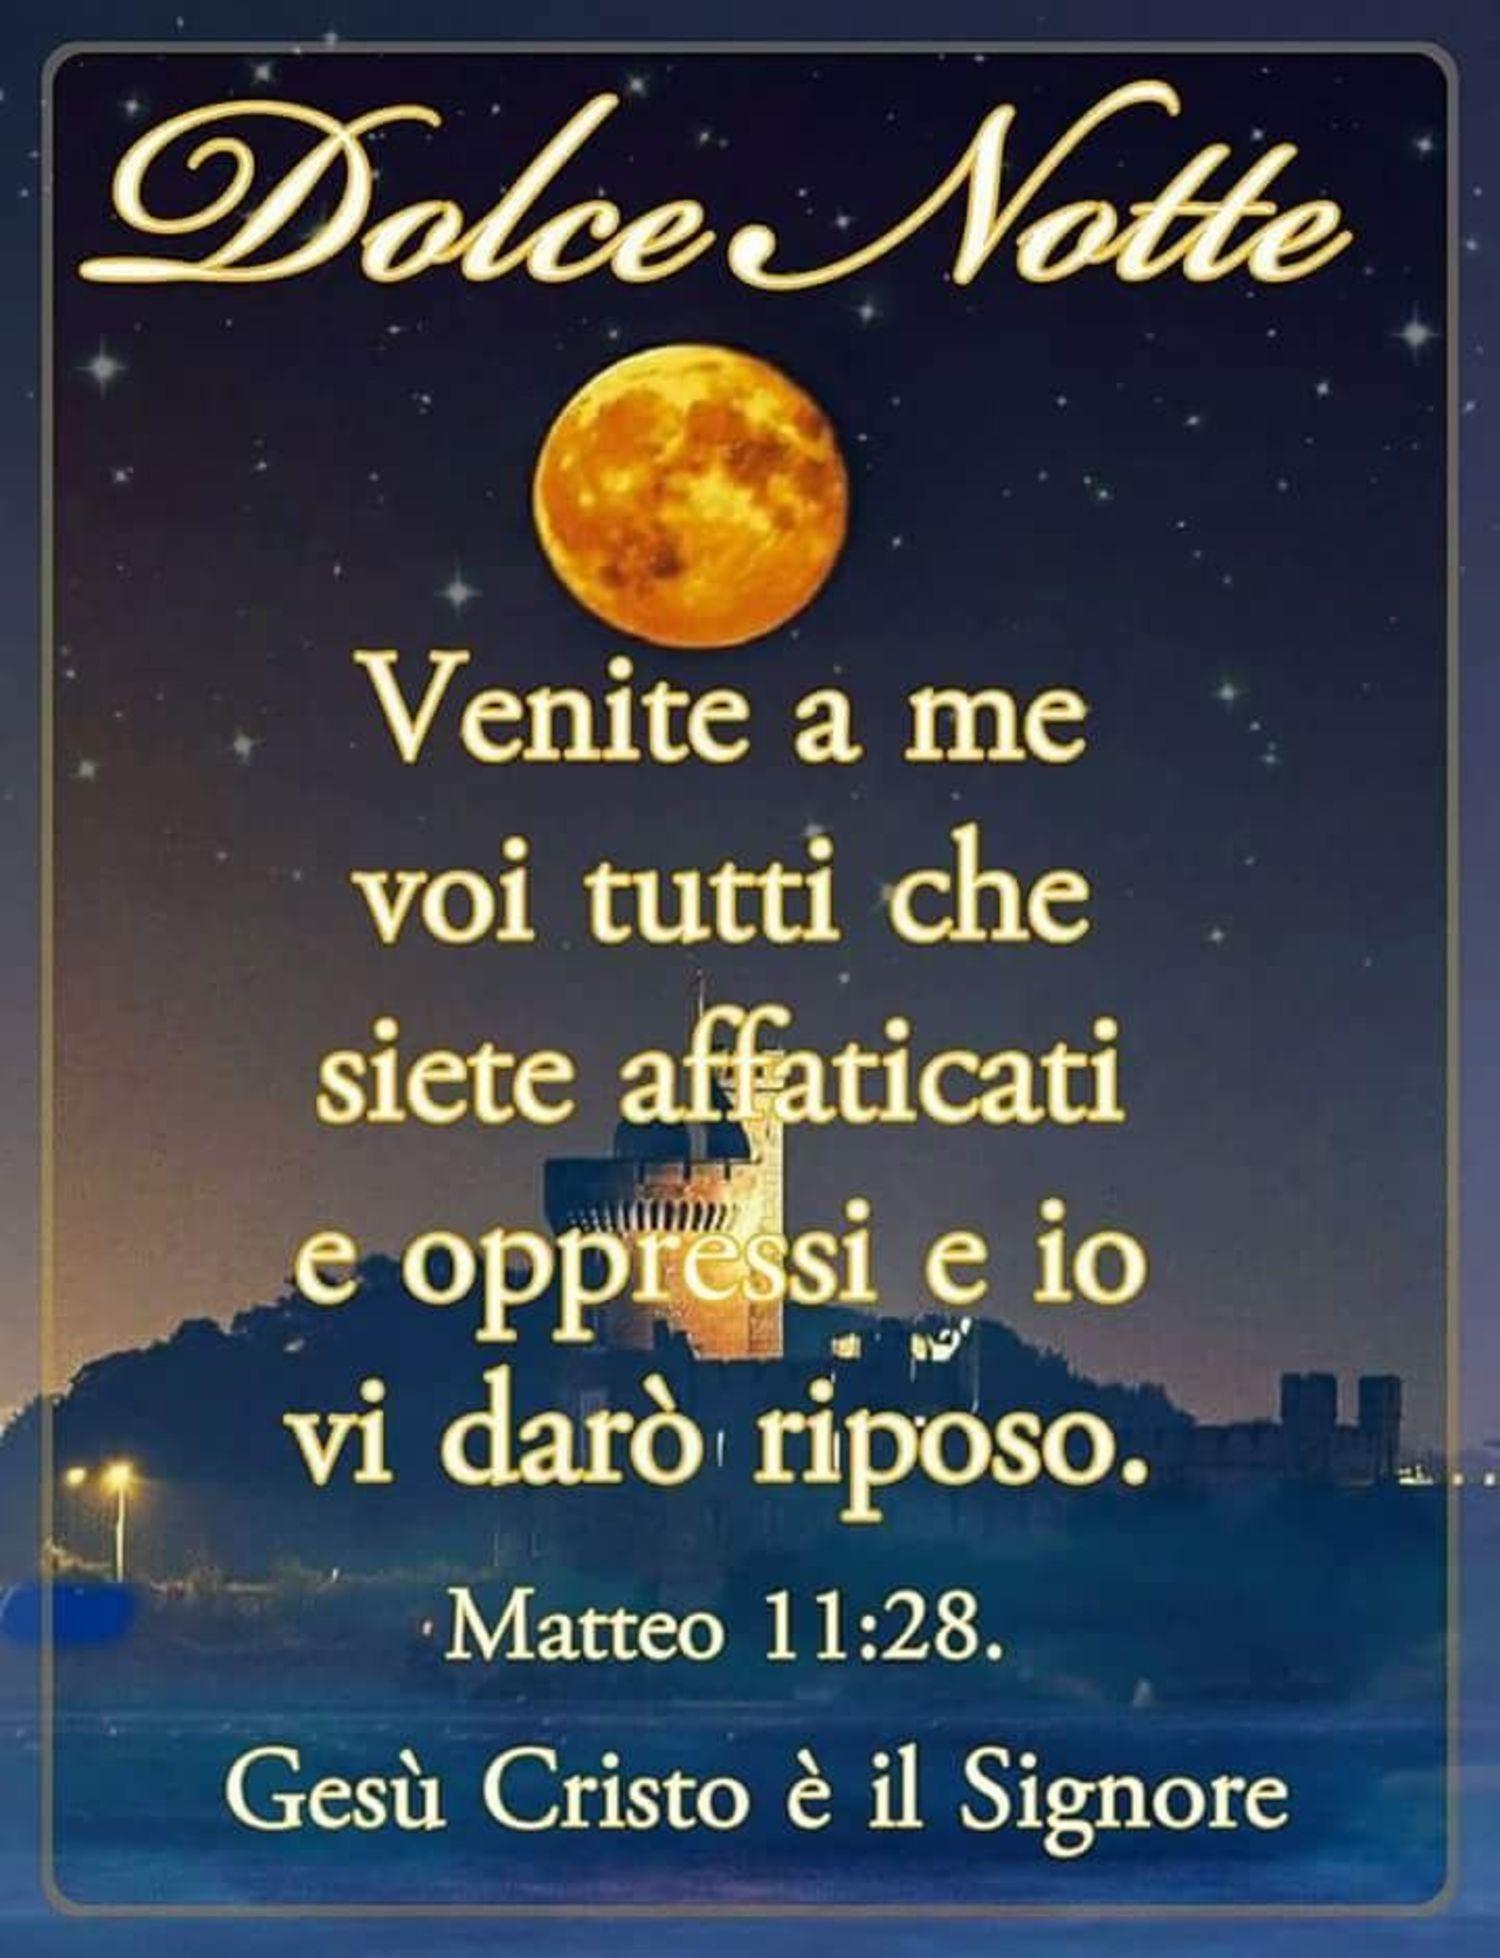 Buonanotte Religioso Pinterest 8220 Buongiornocongesu It